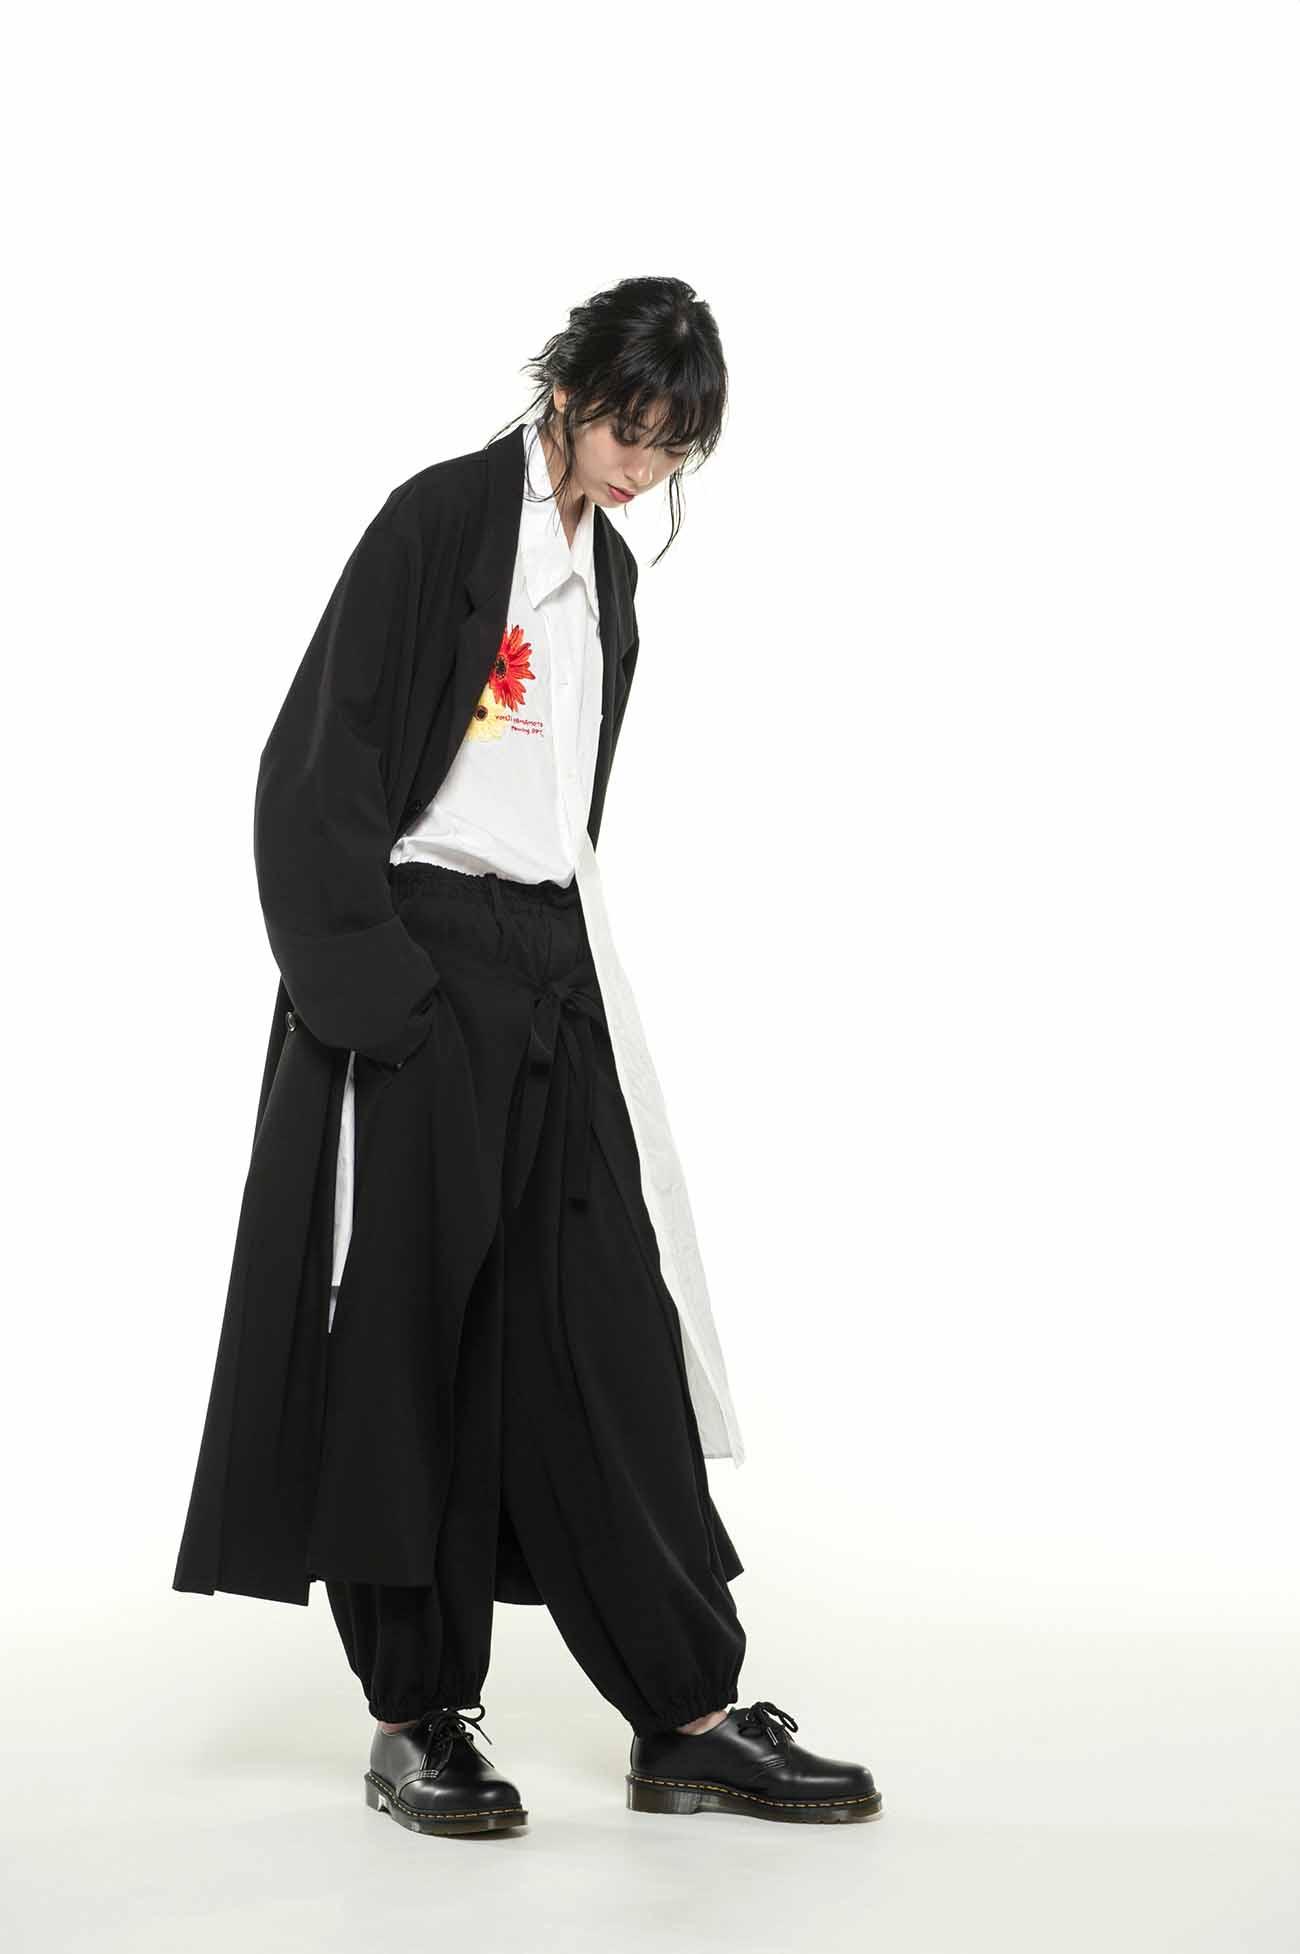 人造丝卷裹灯笼裤